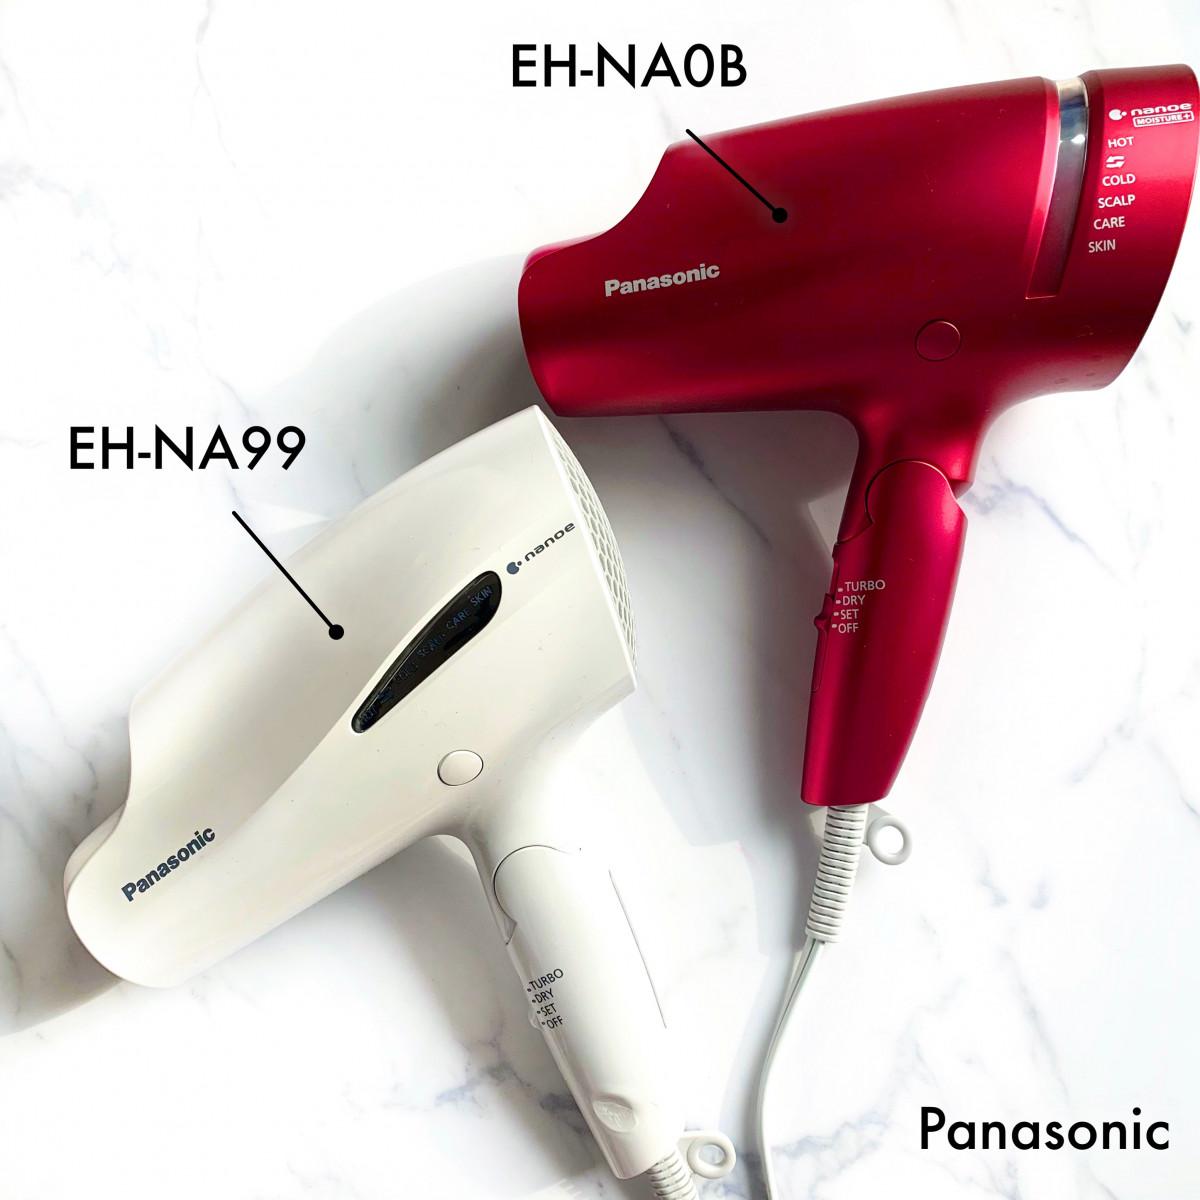 髪質変わるレベル♪Panasonicの最新ドライヤーでサラツヤが手に入る!